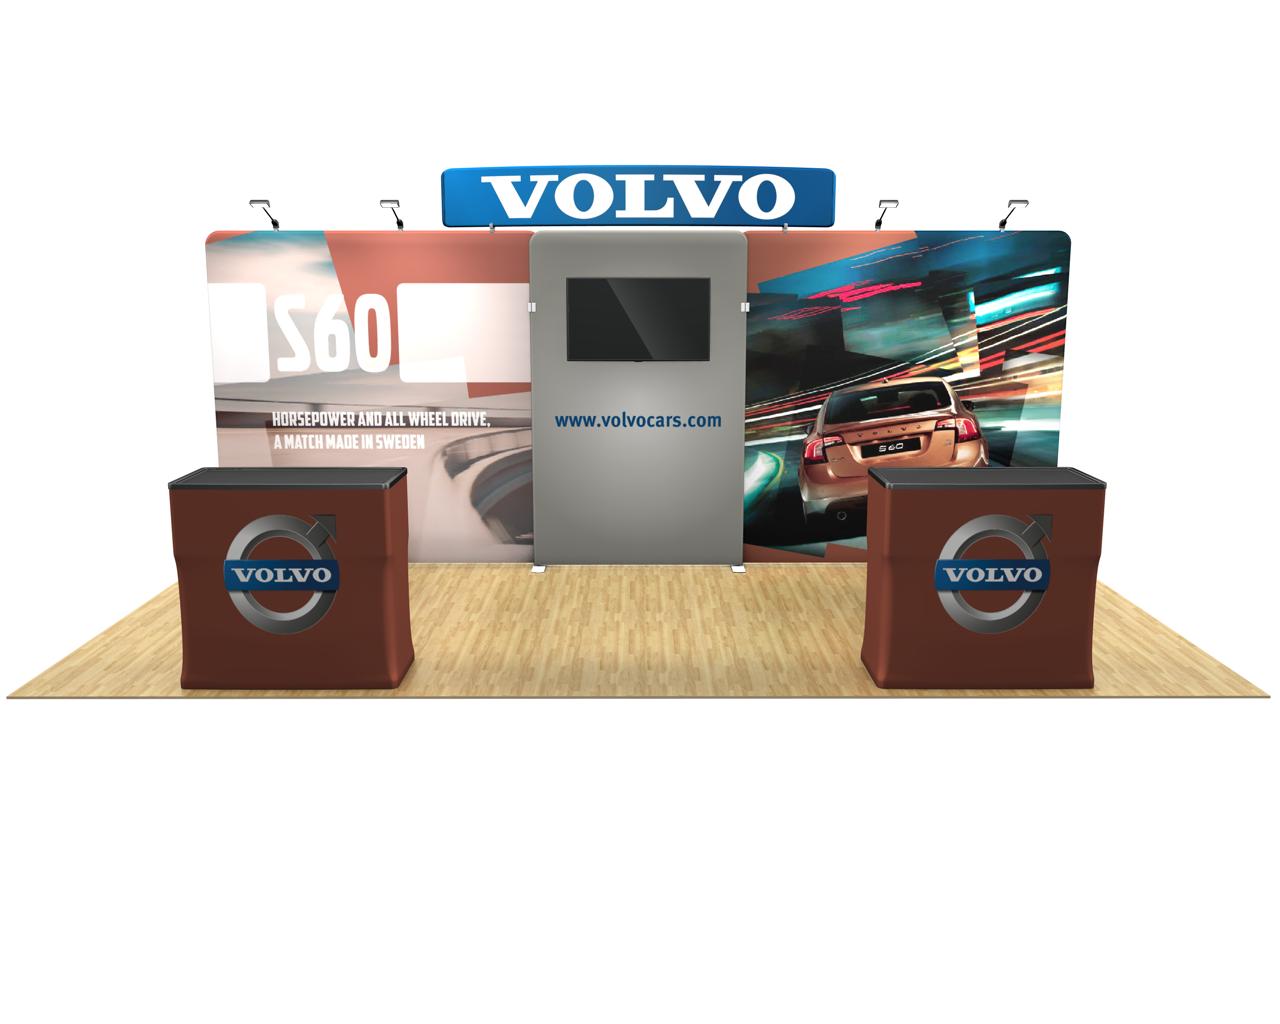 Waveline Media 20ft Display 20.02